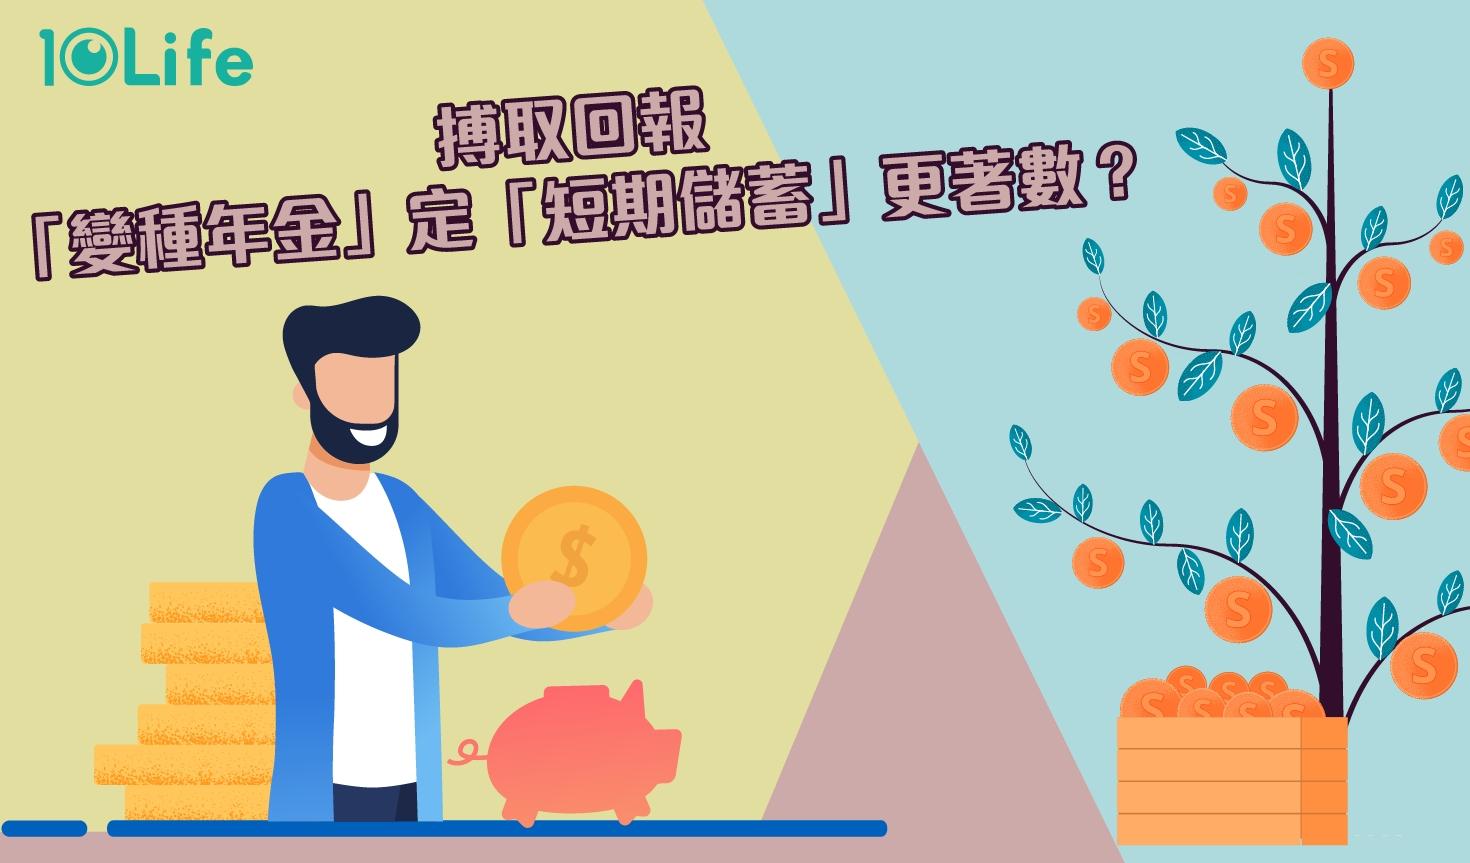 【年金】買短期儲蓄保險定延期年金好 邊樣回報高?